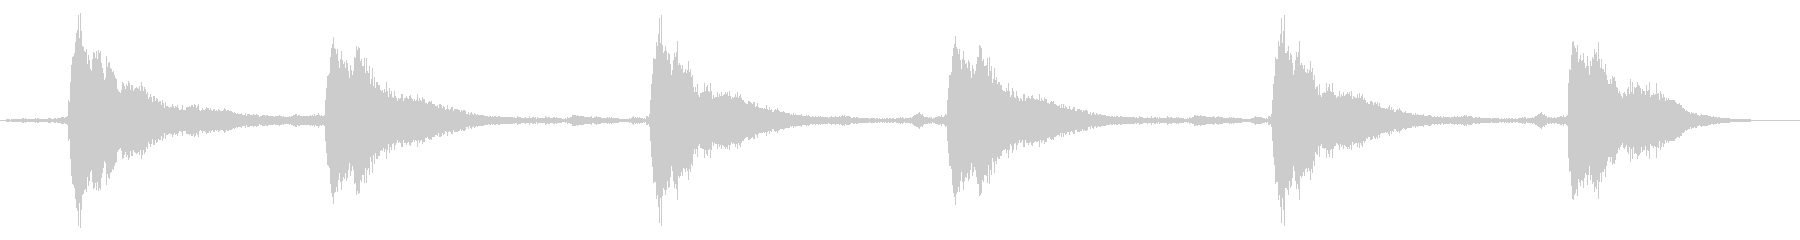 ソープアーノルド教会:1ベル:シン...の未再生の波形